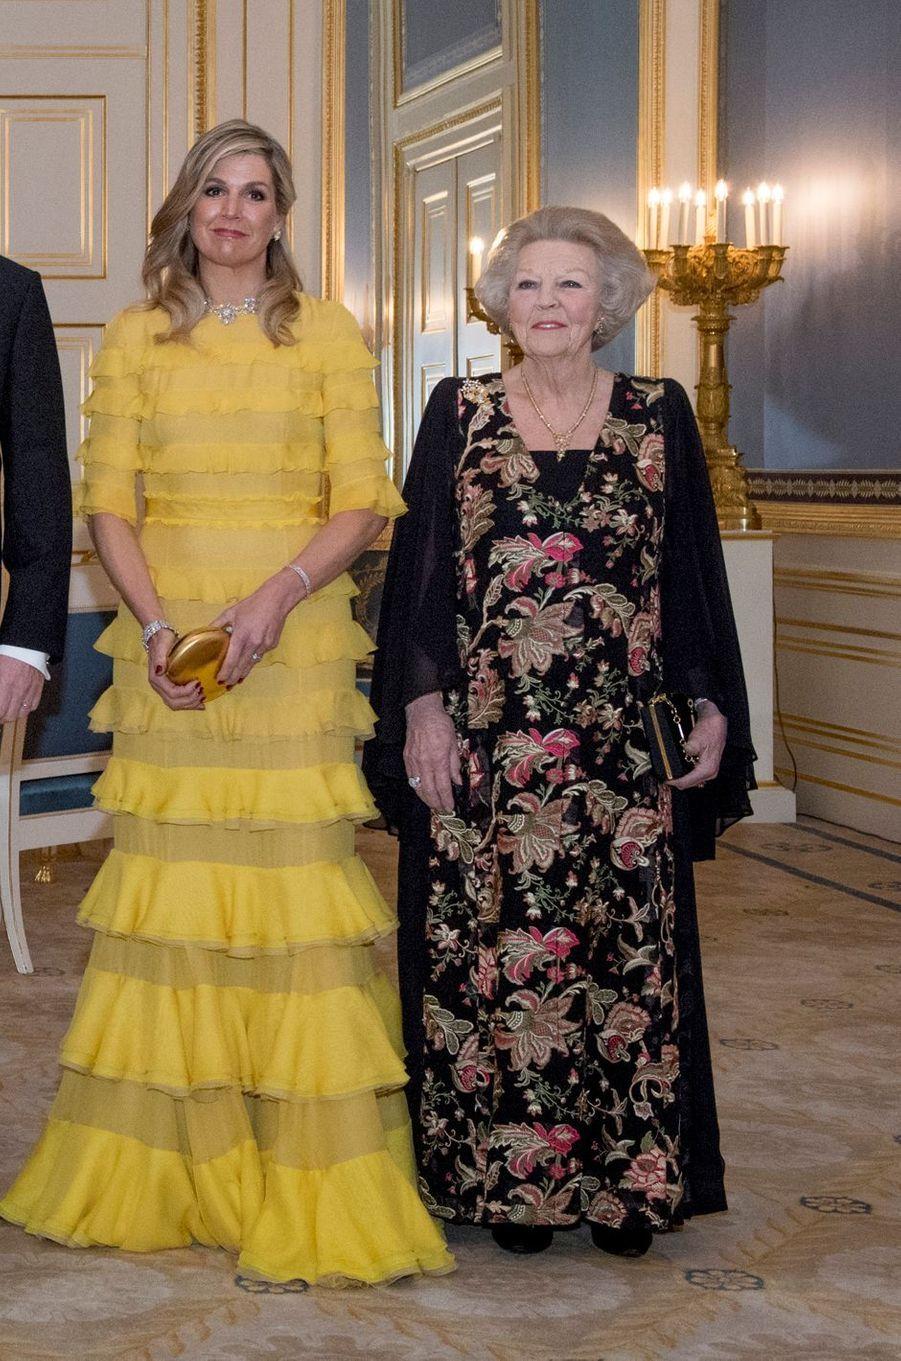 La reine Maxima des Pays-Bas et l'ex-reine Beatrix à La Haye, le 20 mars 2018